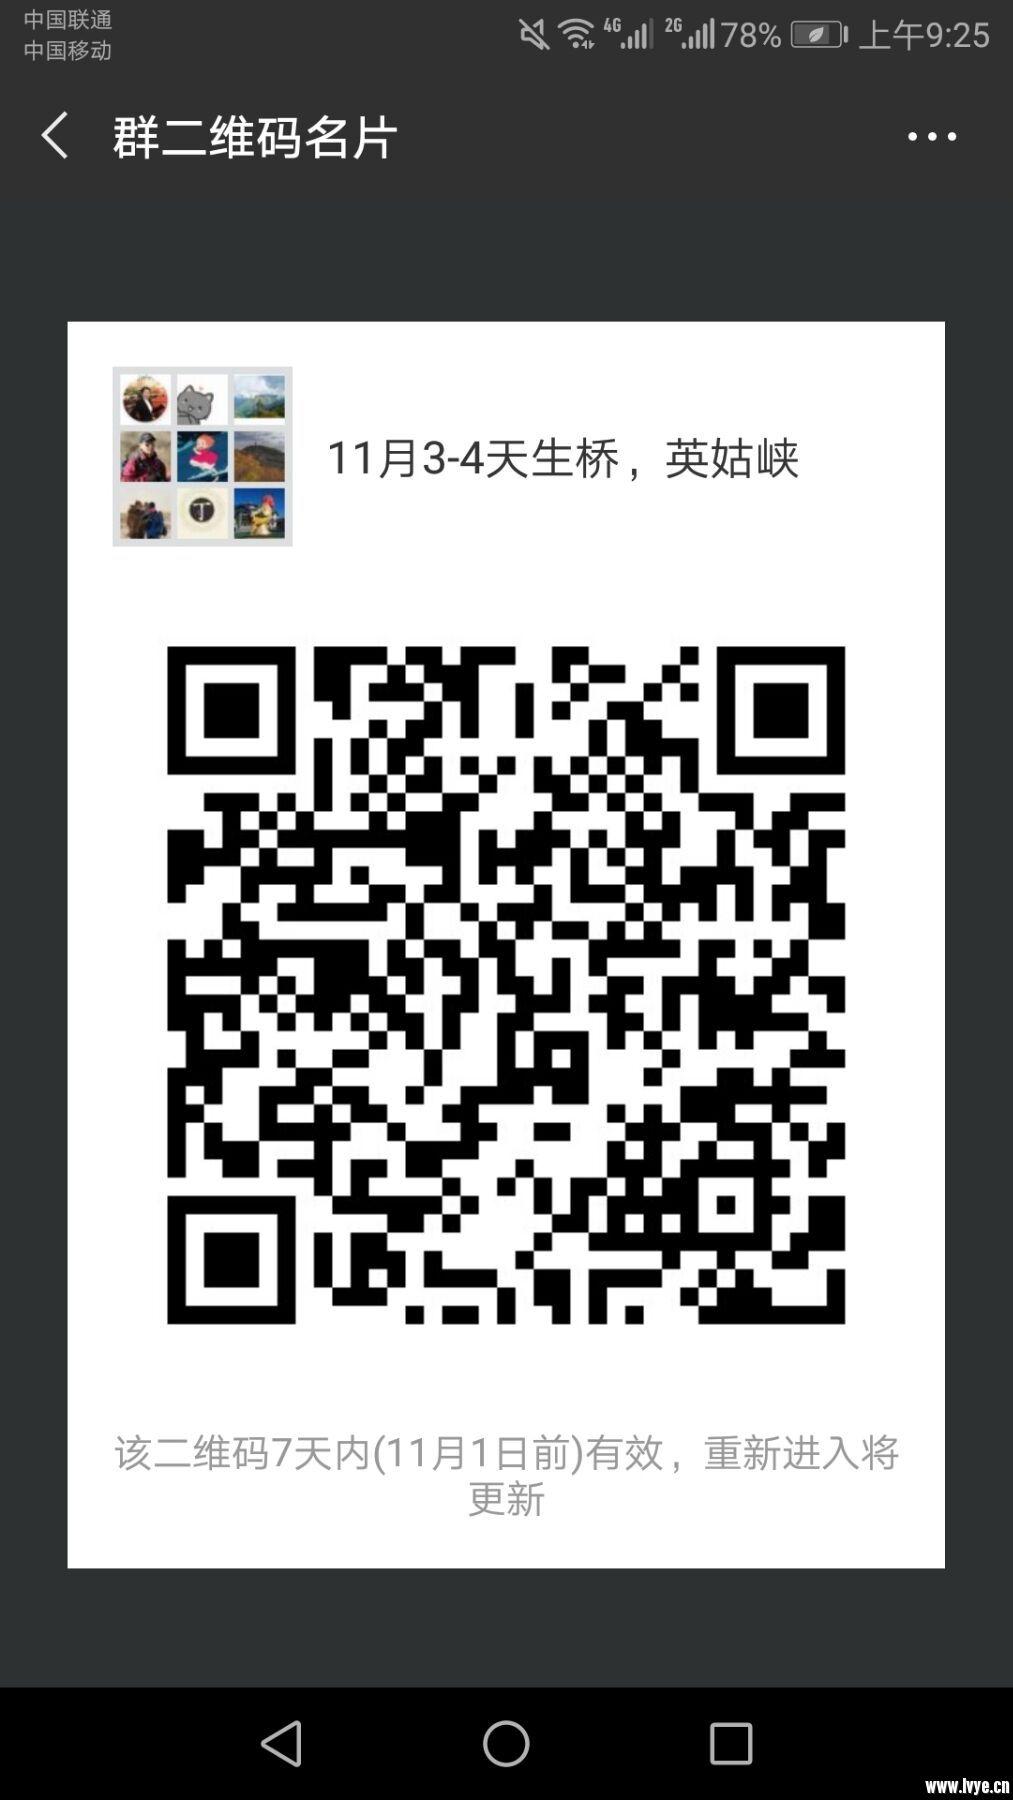 QQ图片20181025093024.jpg